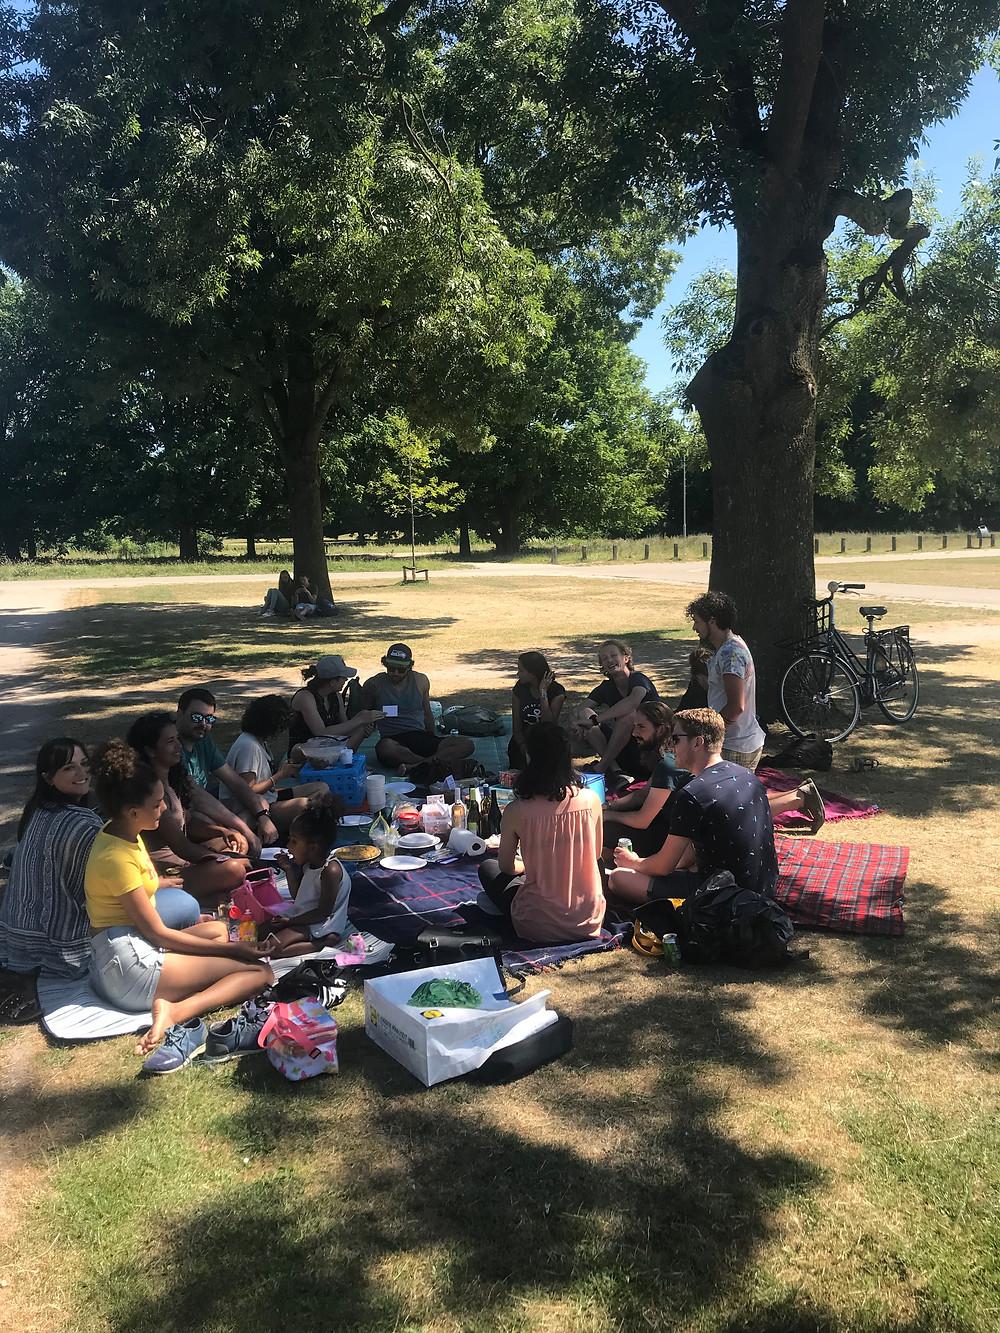 picnic, wezenlandenpark, zwolle, park, summer days, food, friends, expat life, expats